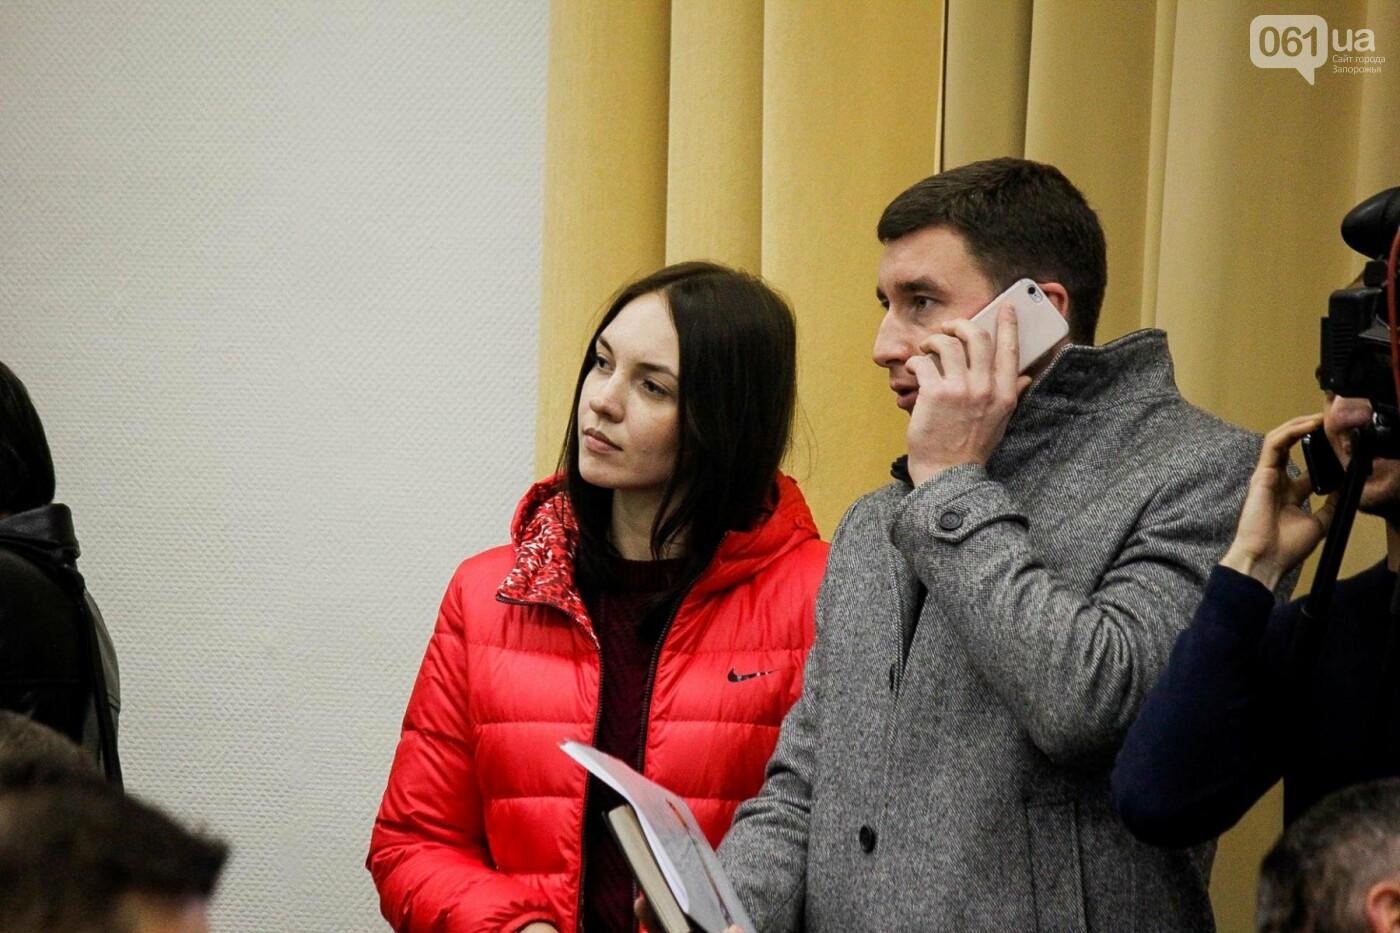 Сессия запорожского горсовета в 55 фотографиях, - ФОТОРЕПОРТАЖ, фото-17